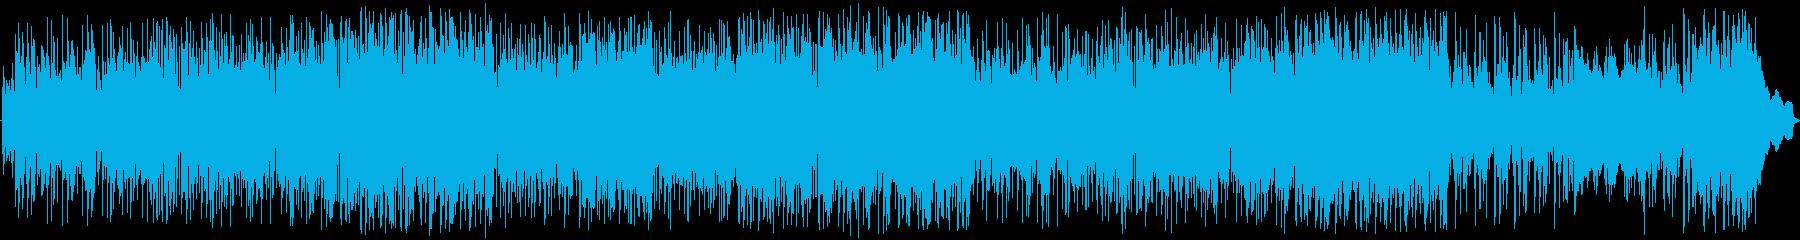 モーツァルトトルコ行進曲 ポップアレンジの再生済みの波形